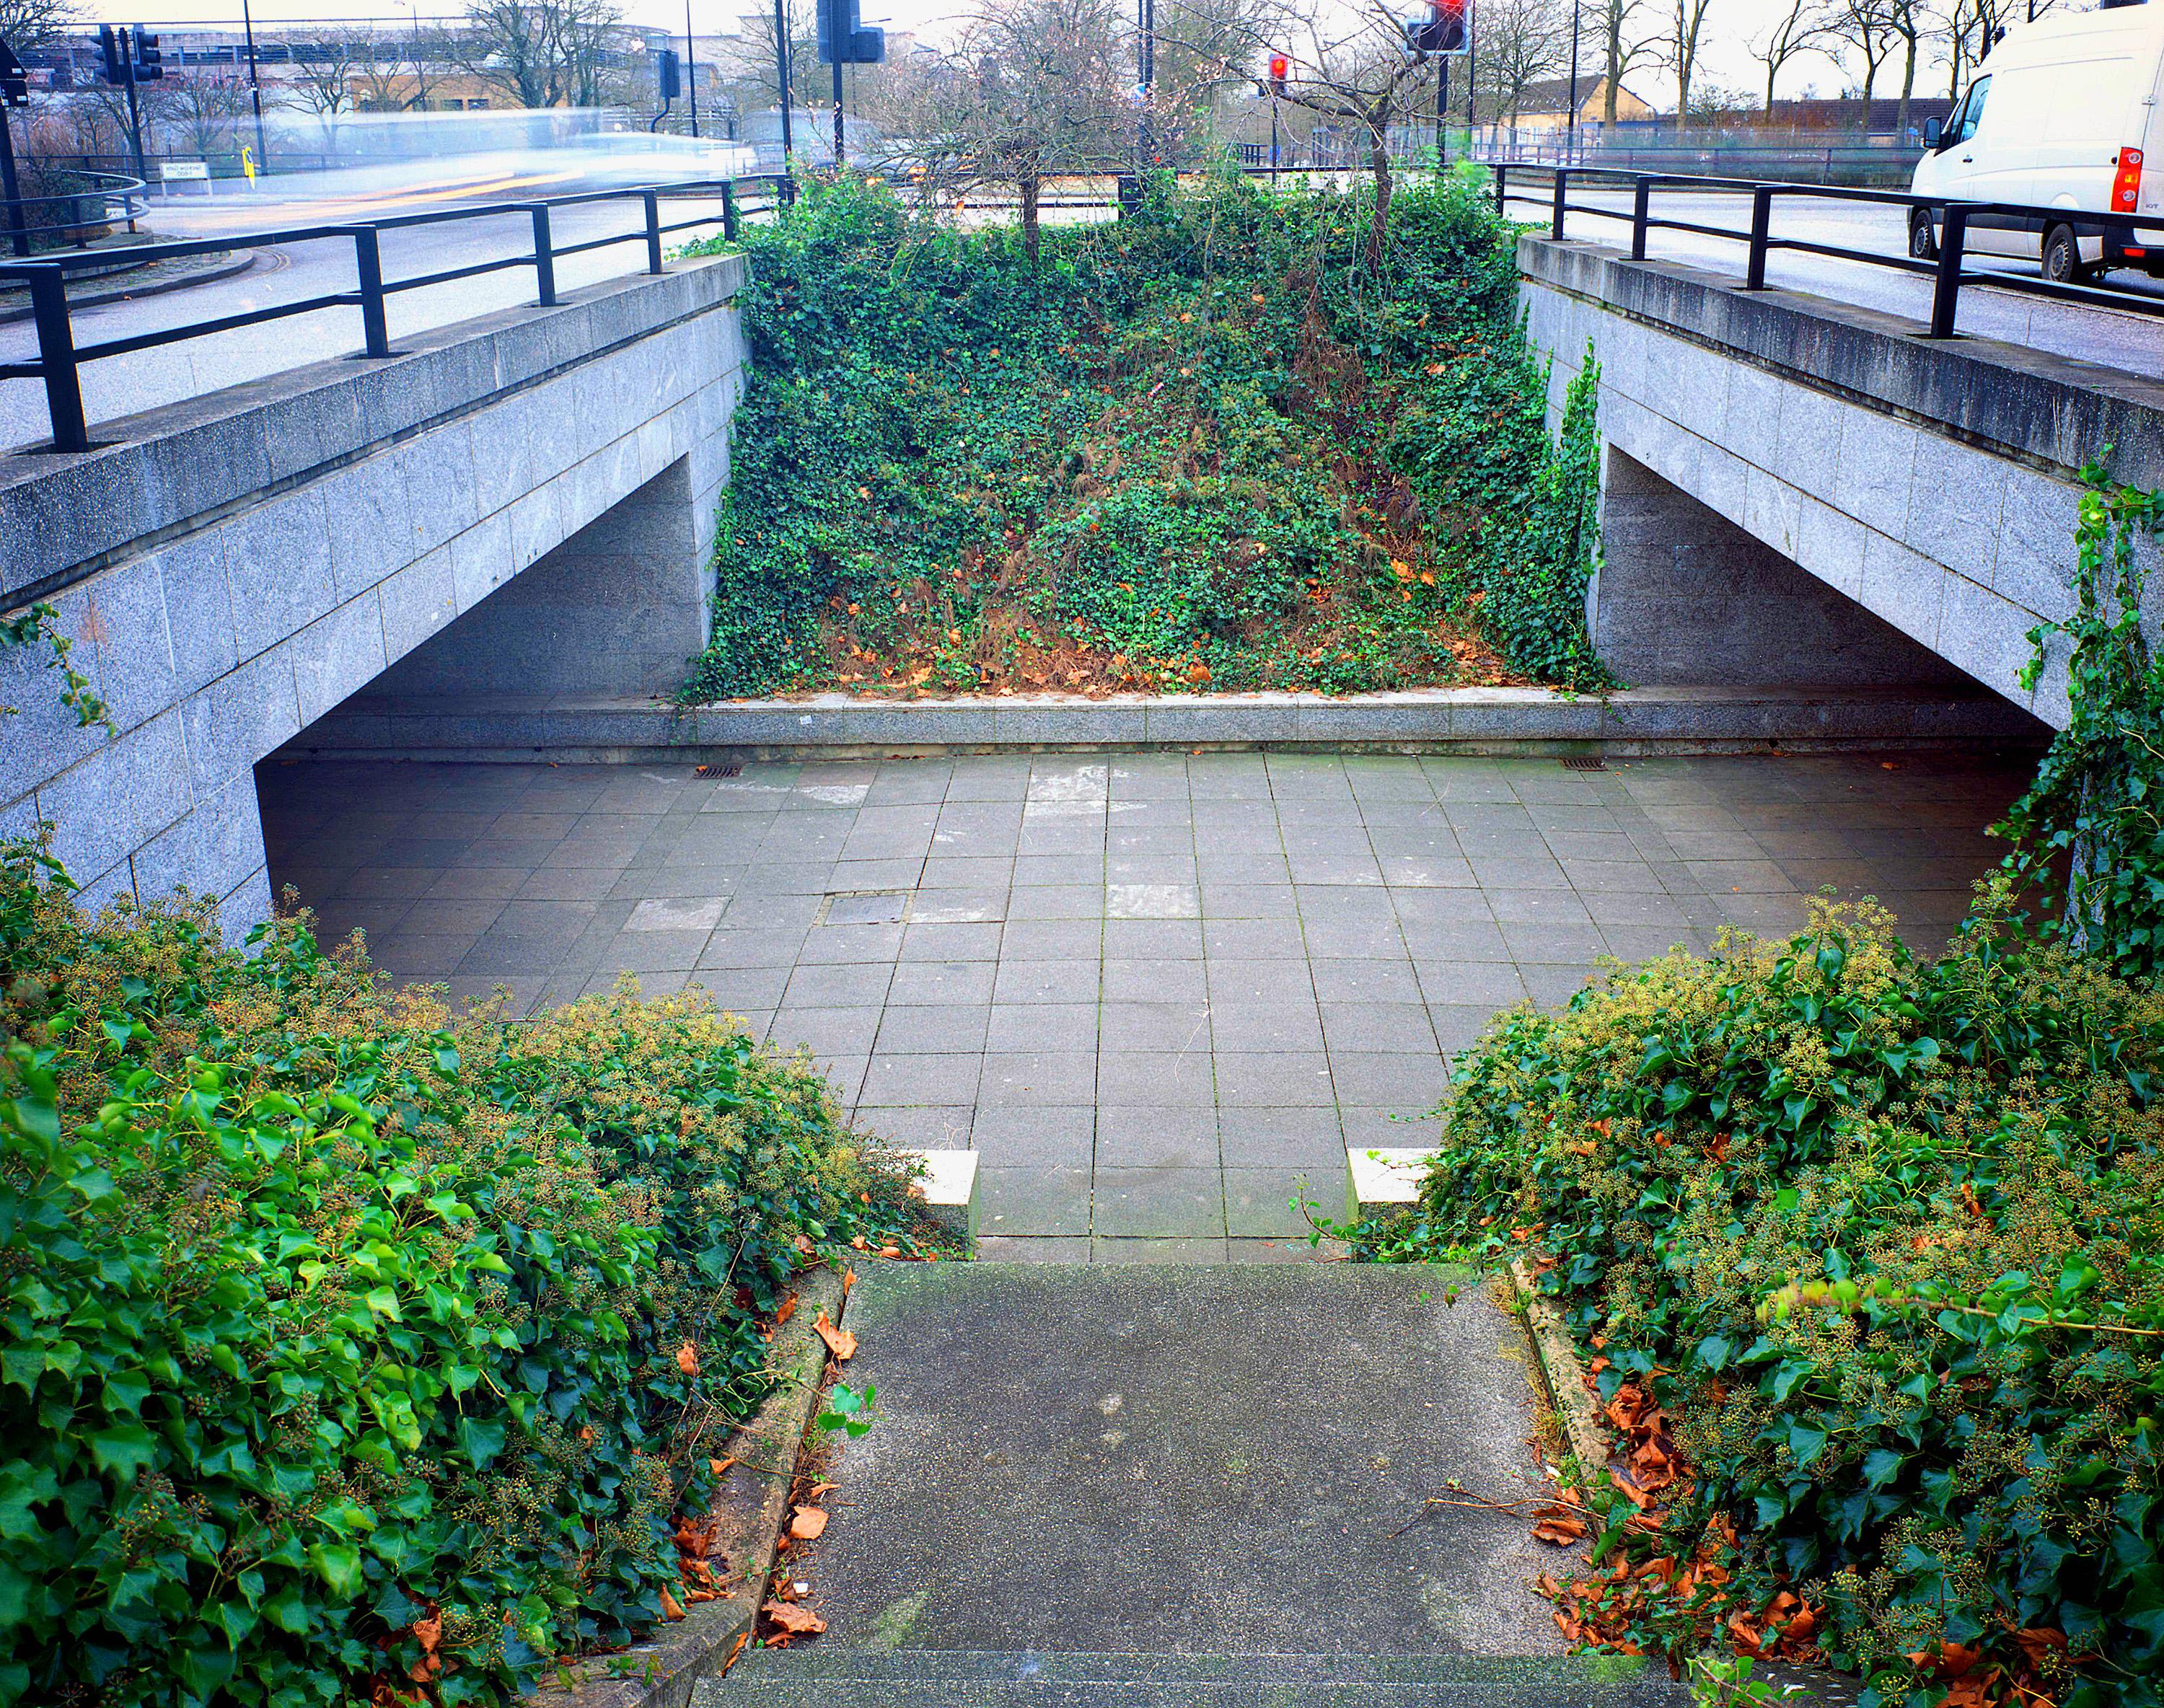 Underpass in Milton Keynes